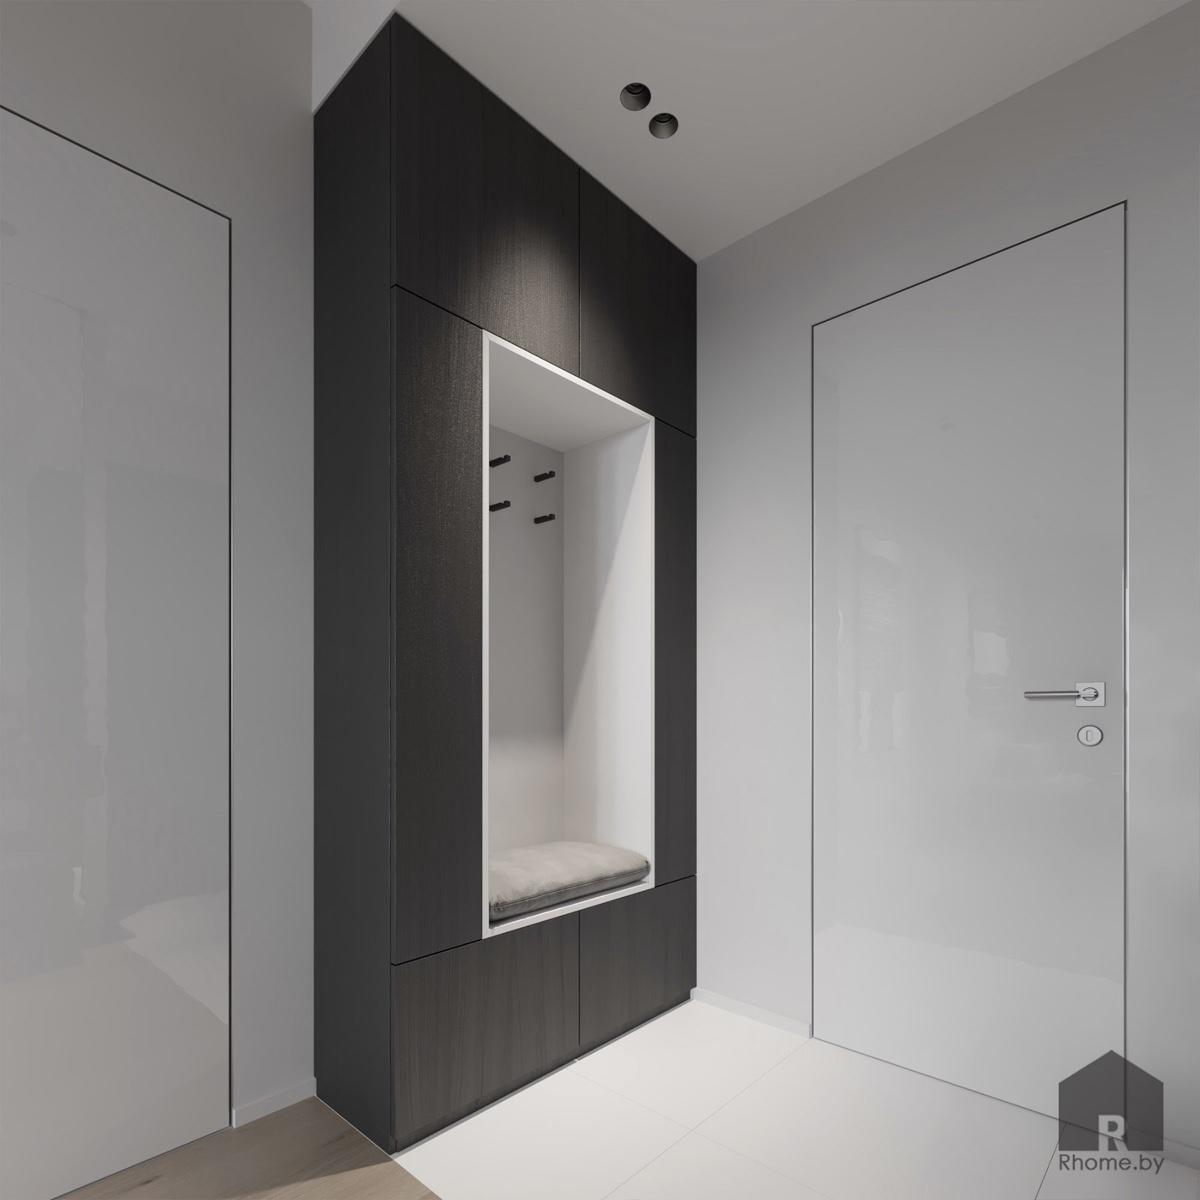 Дизайн интерьера прихожей в квартире на улице Мстиславца | Дизайн студия – Rhome.by